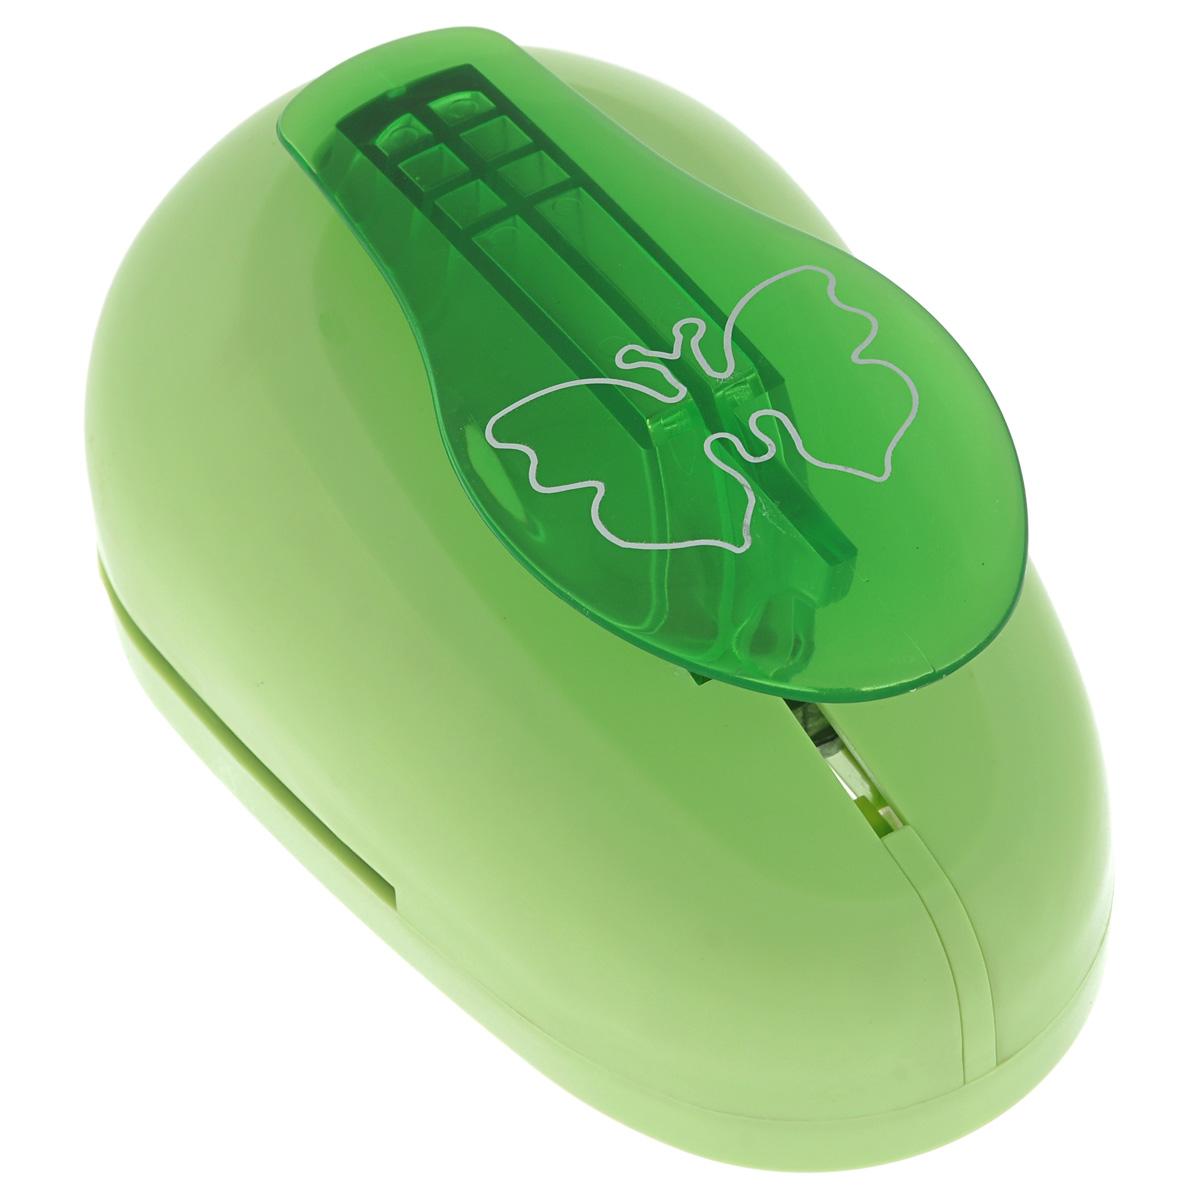 Дырокол фигурный Астра Бабочка. 7709611_447709611_44 - бабочкаДырокол Астра Бабочка, изготовленный из прочного металла и пластика, поможет вам легко, просто и аккуратно вырезать много одинаковых мелких фигурок.Режущие части компостера закрыты пластиковым корпусом, что обеспечивает безопасность для детей.Вырезанные фигурки в виде бабочек накапливаются в специальном резервуаре. Можно использовать вырезанные мотивы как конфетти или для наклеивания. Дырокол подходит для разных техник: декупажа, скрапбукинга, декорирования. Размер дырокола: 15 см х 10 см х 8 см.Размер готовой фигурки: 6,5 см х 5 см.